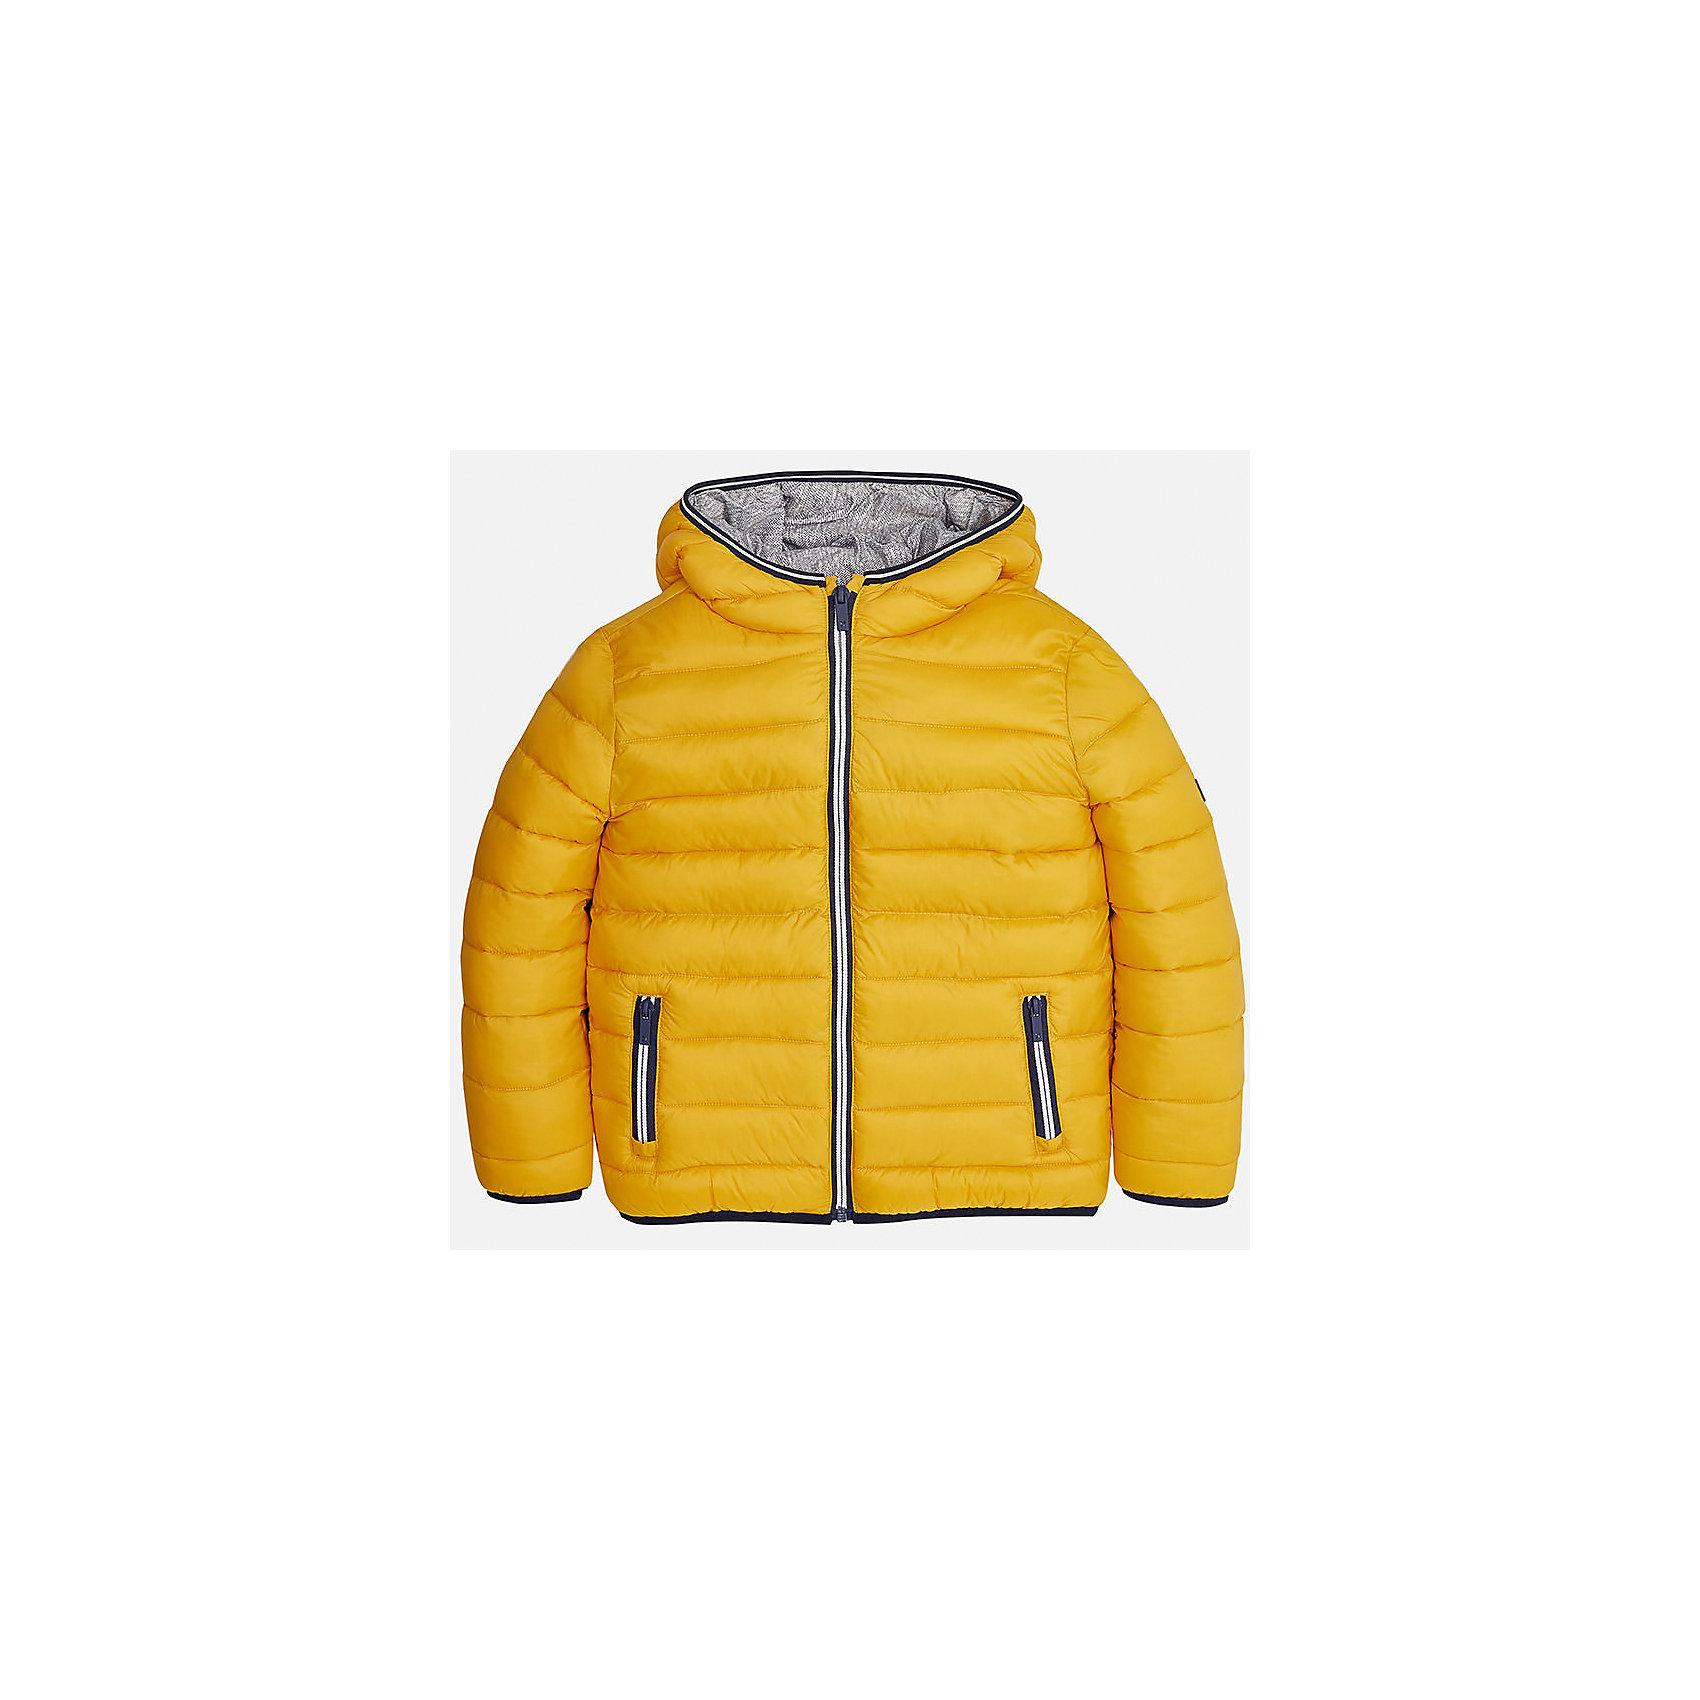 Куртка для мальчика MayoralВерхняя одежда<br>Характеристики товара:<br><br>• цвет: желтый;<br>• сезон: демисезон;<br>• температурный режим: от 0 до +10С;<br>• состав ткани: 100% полиамид;<br>• состав подкладки: 100% полиамид;<br>• состав наполнителя: 100% полиэстер;<br>• стеганая;<br>• на молнии;<br>• капюшон: без меха, не отстегивается;<br>• страна бренда: Испания;<br>• страна изготовитель: Бангладеш.<br><br>Демисезонная куртка для мальчика от популярного бренда Mayoral несомненно понравится вам и вашему ребенку. Качественные ткани, безупречное исполнение, все модели в центре модных тенденций. Внешняя ткань и подкладка плащевая, обуспечивают хорошую защиту от ветра и непогоды, внутренний утеплитель, аккуратные швы. Рукава на внутренней манжете. Застегивается на замок-молнию, капюшон не отстегивается, боковые карманы на молнии. <br><br>Легкая и теплая куртка с капюшоном и карманами на холодную осень-весну. Грамотный крой изделия обеспечивает отличную посадку по фигуре.<br><br>Куртку  для мальчика Mayoral (Майорал) можно купить в нашем интернет-магазине.<br><br>Ширина мм: 356<br>Глубина мм: 10<br>Высота мм: 245<br>Вес г: 519<br>Цвет: оранжевый<br>Возраст от месяцев: 168<br>Возраст до месяцев: 180<br>Пол: Мужской<br>Возраст: Детский<br>Размер: 170,128/134,140,152,158,164<br>SKU: 6938824